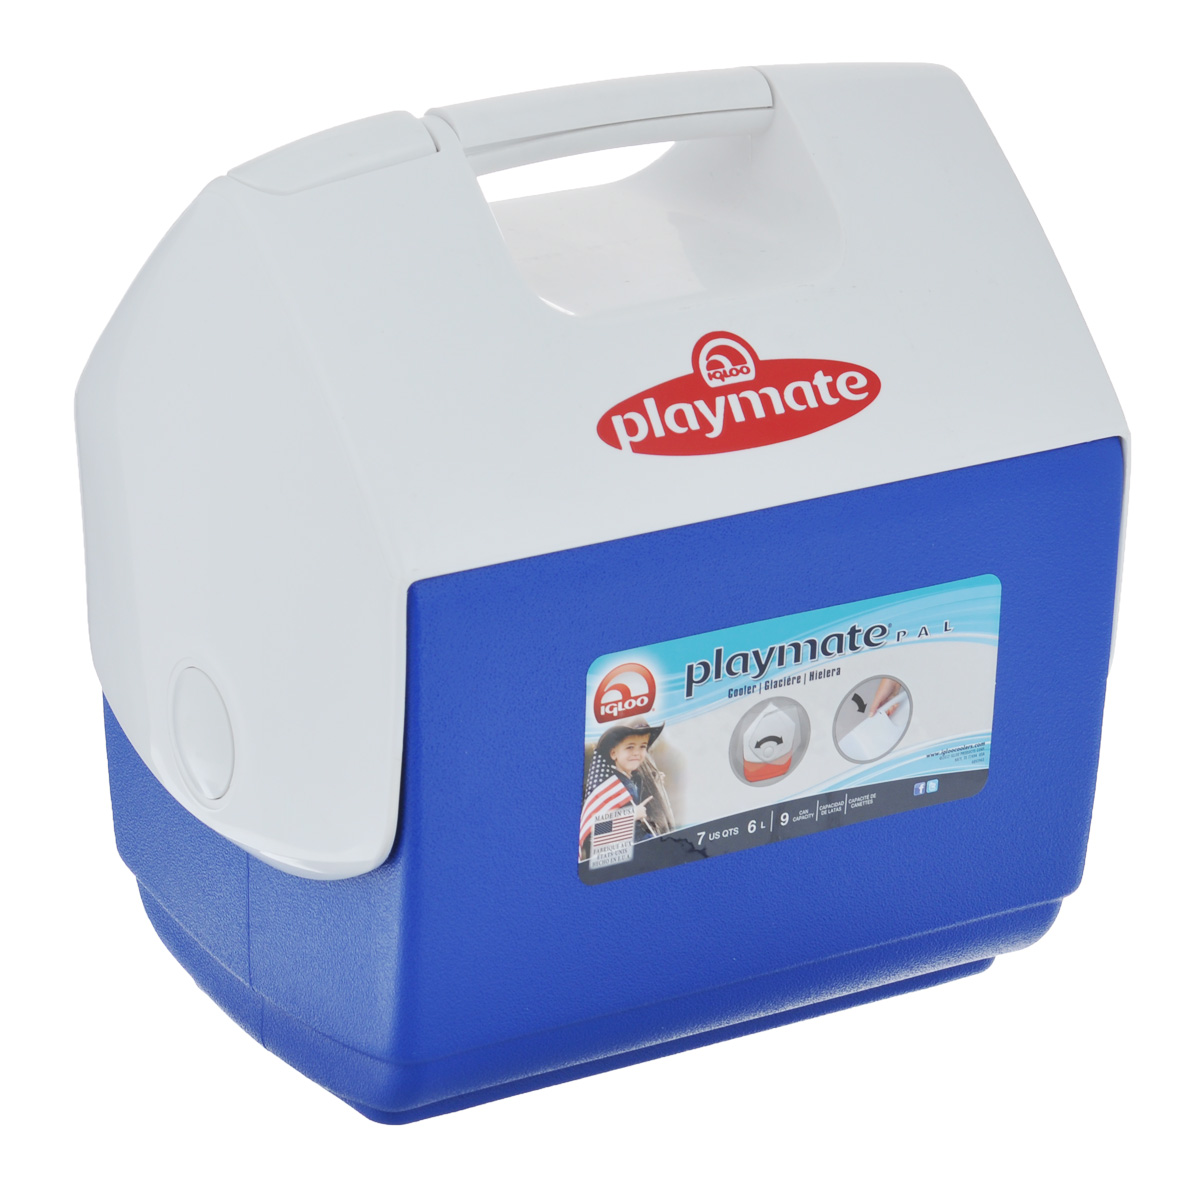 Изотермический контейнер Igloo Playmate Pal, цвет: синий, белый, 6 лС22800Легкий и прочный изотермический контейнер Igloo Playmate Pal, изготовленный из высококачественного пластика, предназначен для транспортировки и хранения продуктов и напитков. Для поддержания температуры использовать с аккумуляторами холода.Особенности изотермического контейнера Igloo Playmate Pal: - оригинальный замок на верхней крышки Playmate-Realise для открывания одной рукой;- крышка распахивается, обеспечивая легкий доступ к содержимому; - фирменный дизайн Playmate; - защелка надежно фиксирует крышку; - UltraTherm изоляция корпуса и крышки сохраняет содержимое холодным; - эргономичный гладкий дизайн корпуса;- экологически чистые материалы.